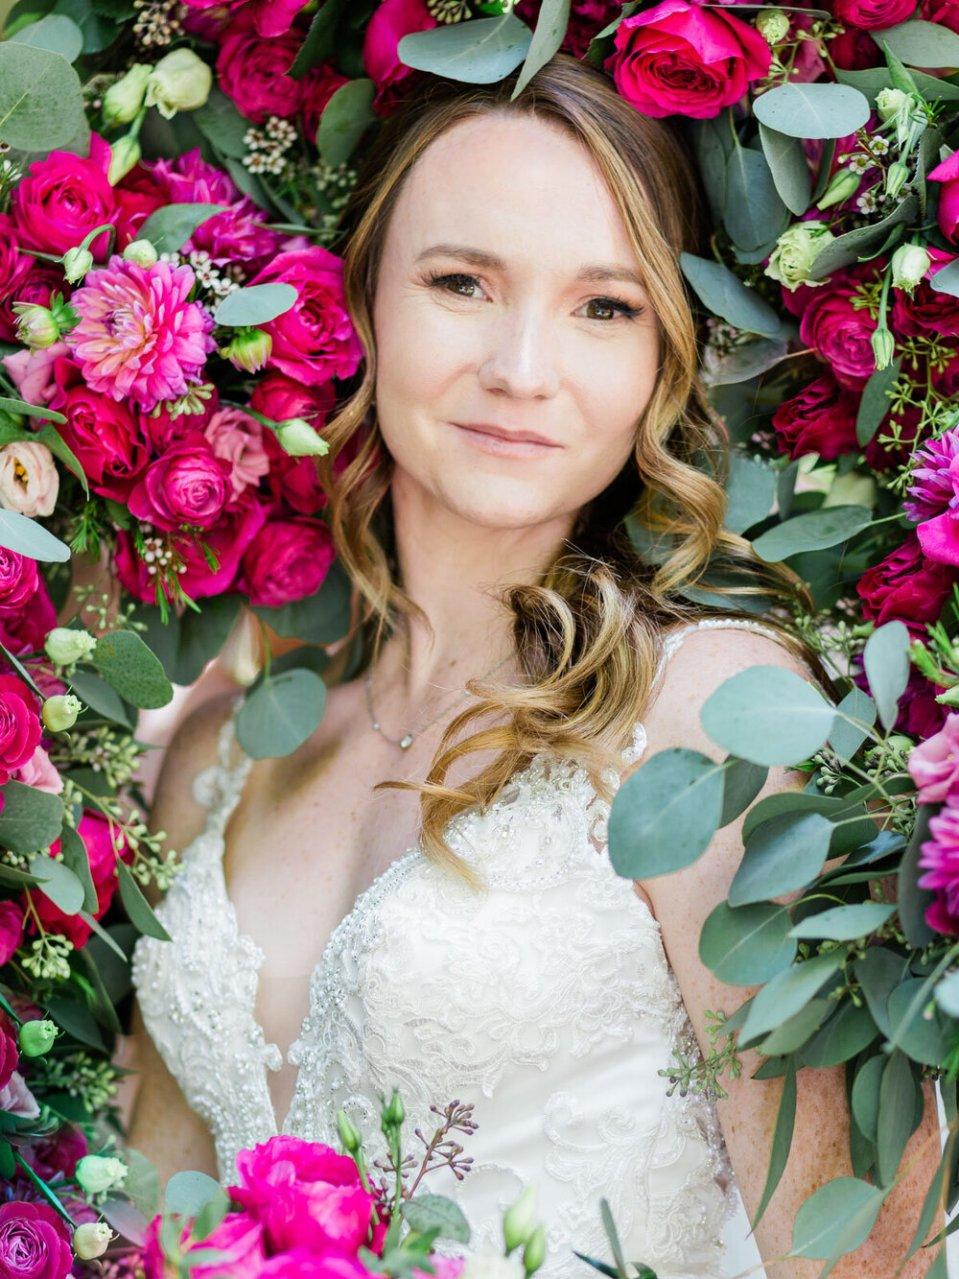 Elegant+and+Emotional+Greystone+Hall+Wedding+in+Akron,+Ohio-106.jpg